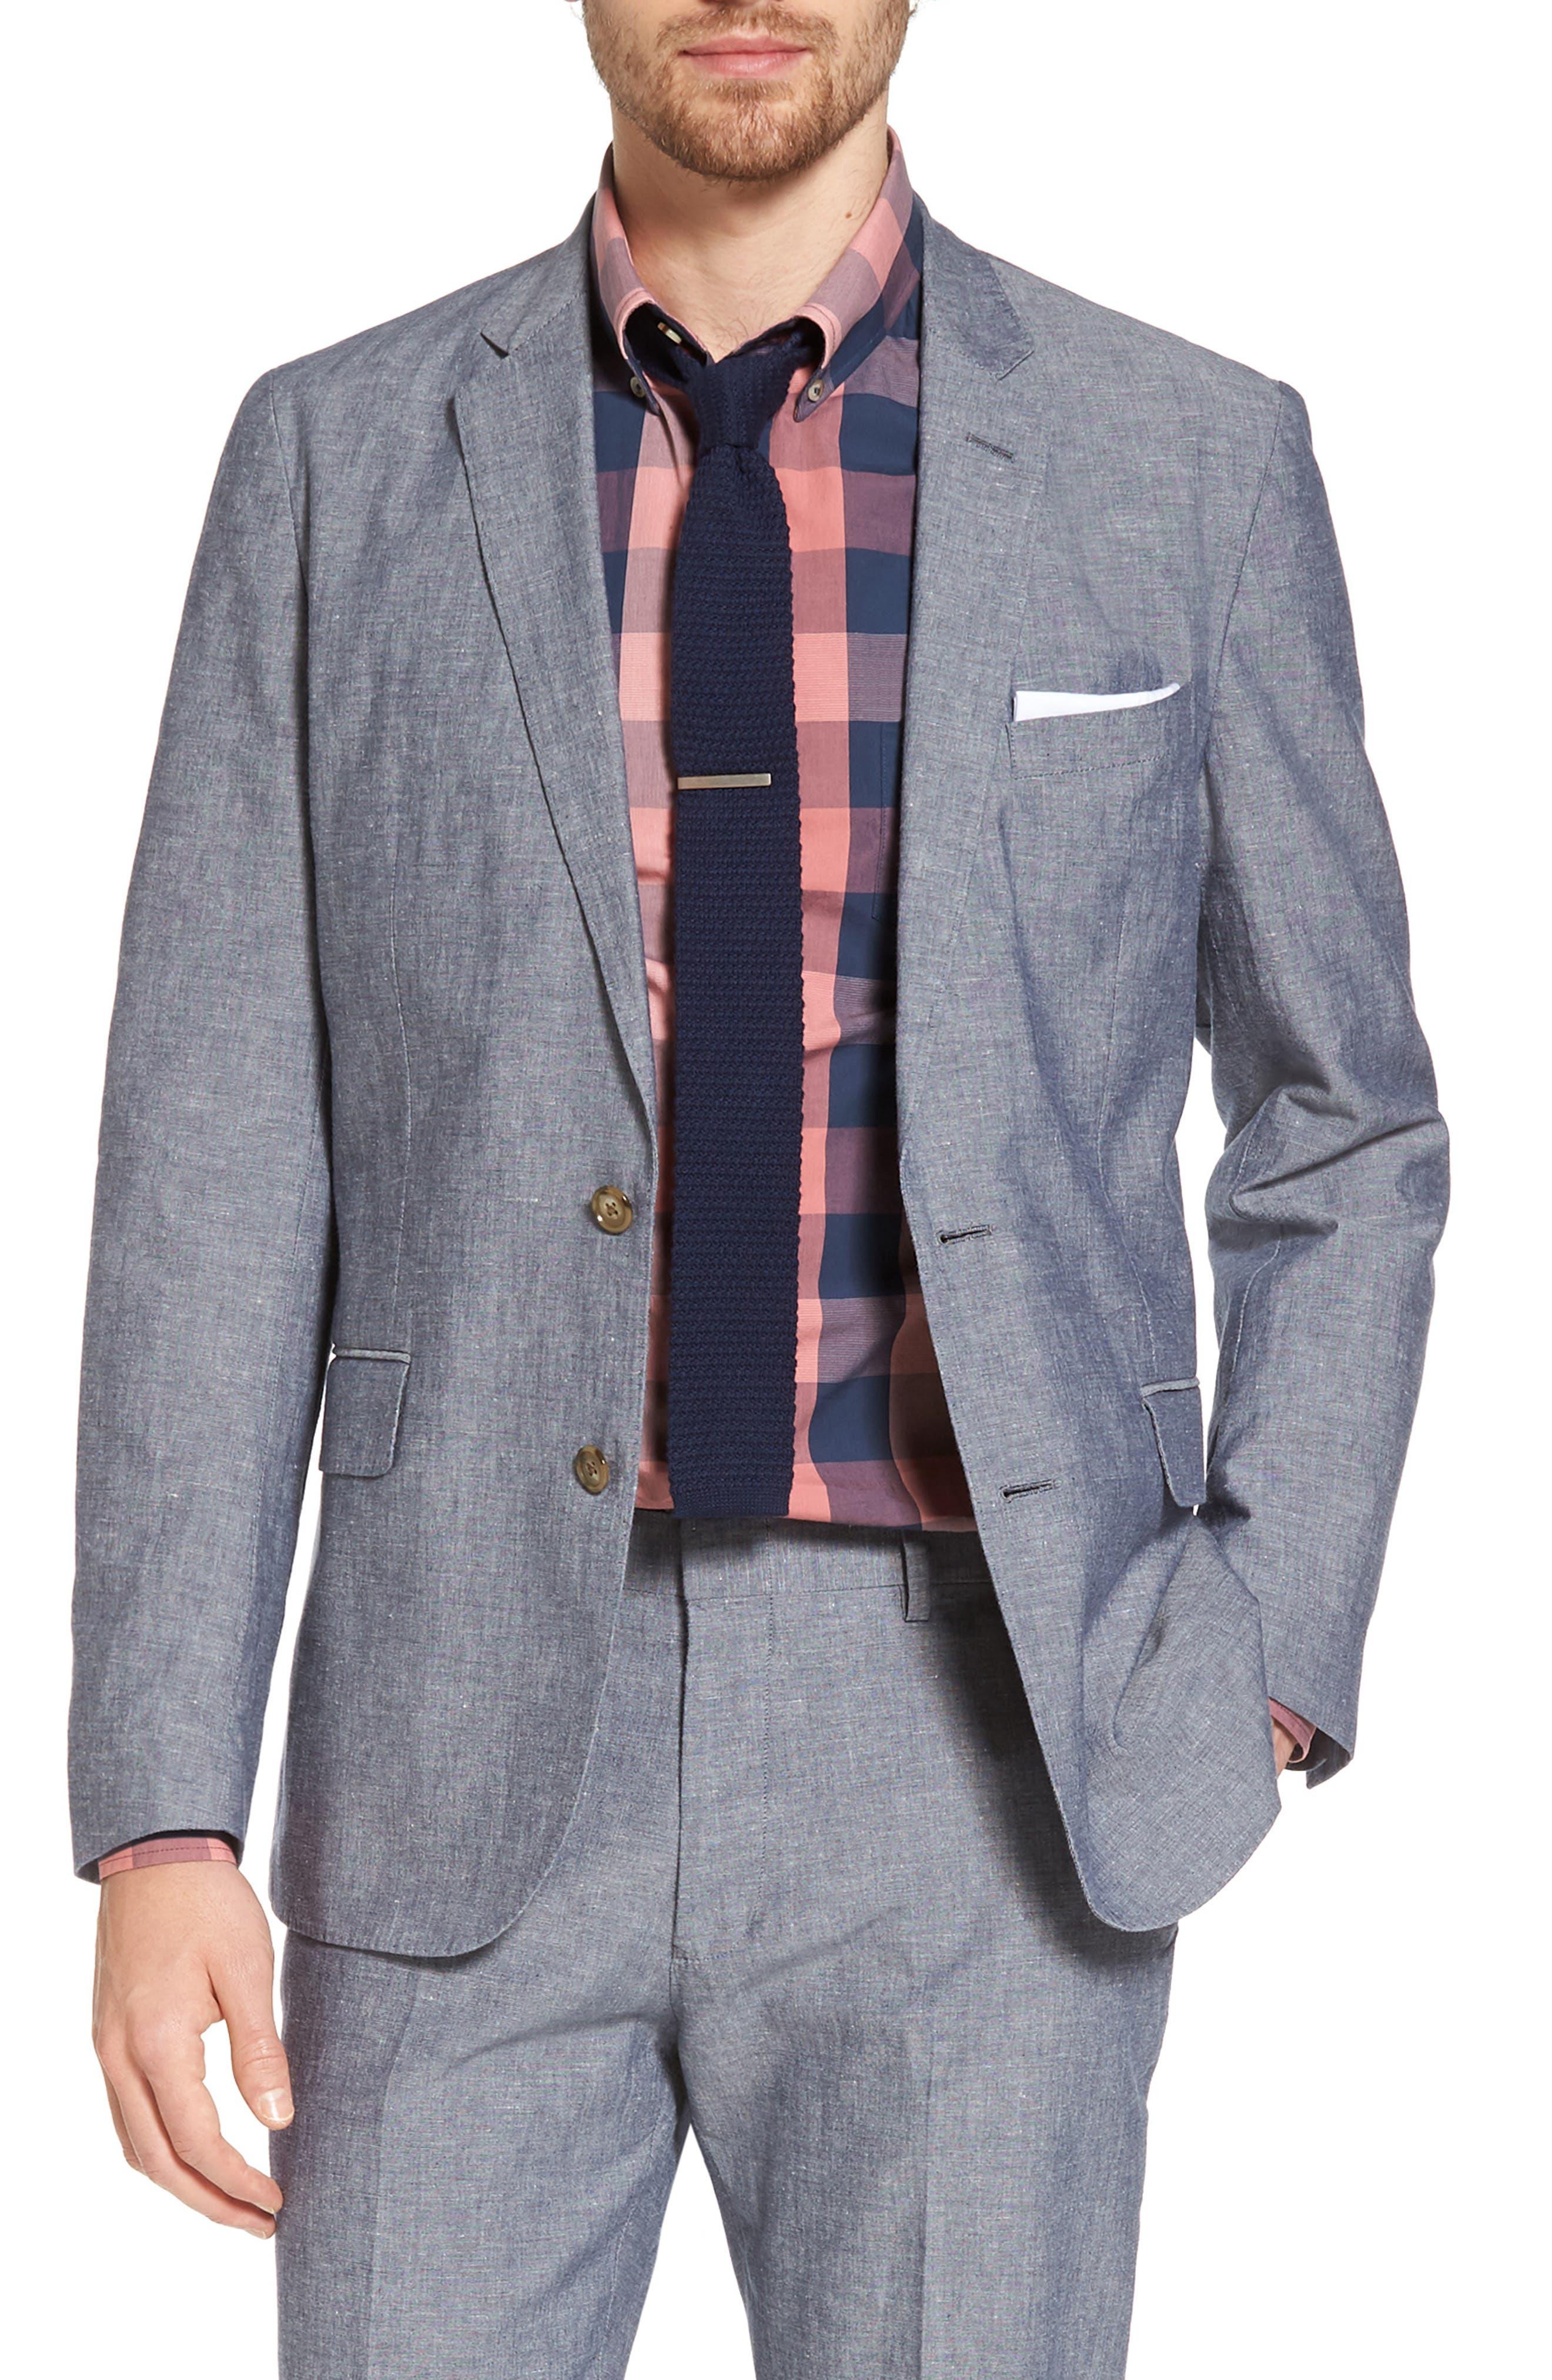 Ludlow Cotton & Linen Blazer,                             Main thumbnail 1, color,                             400